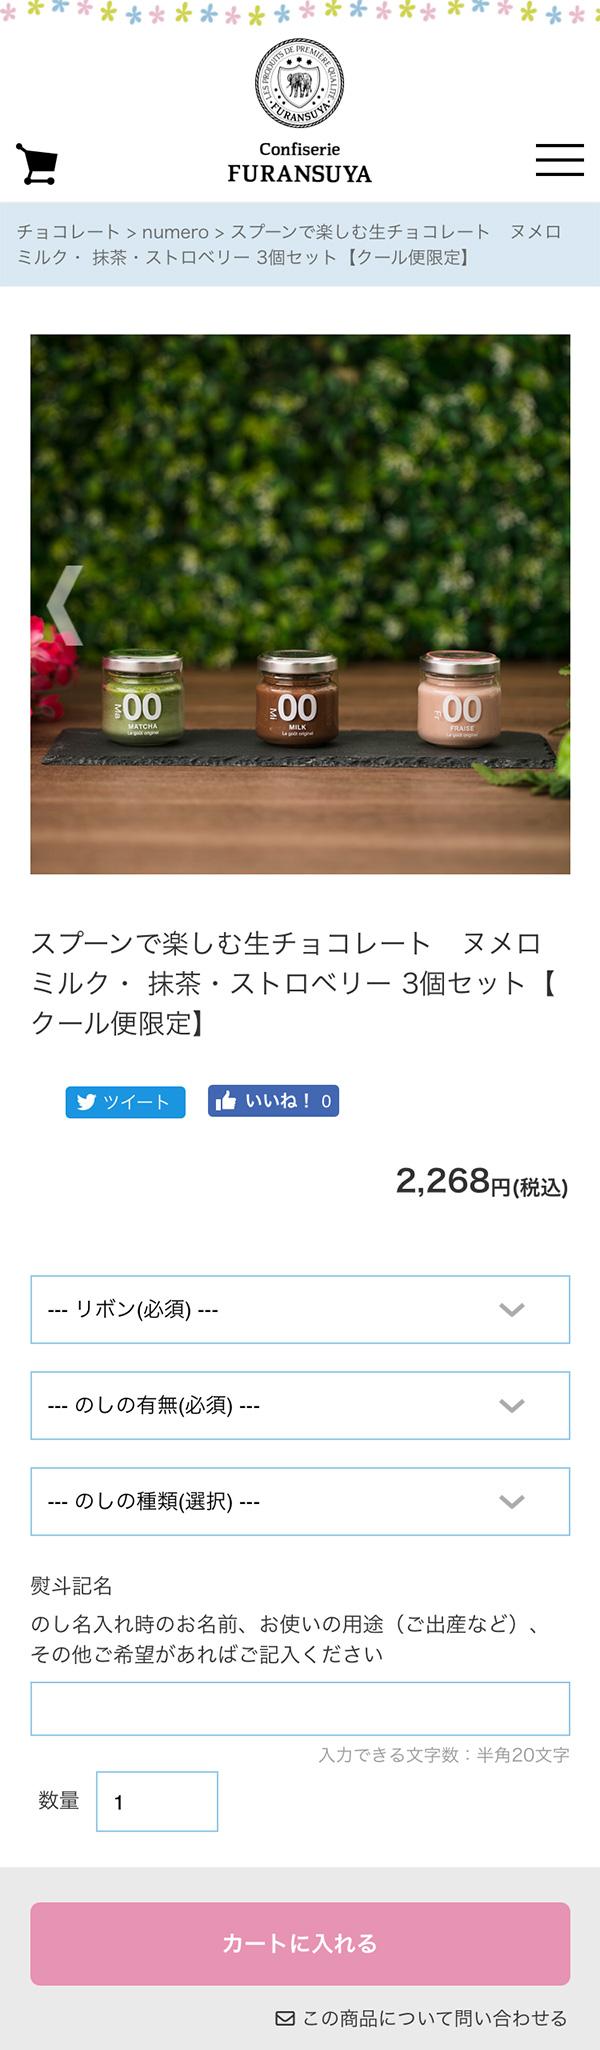 フランス屋製菓オンラインショップ